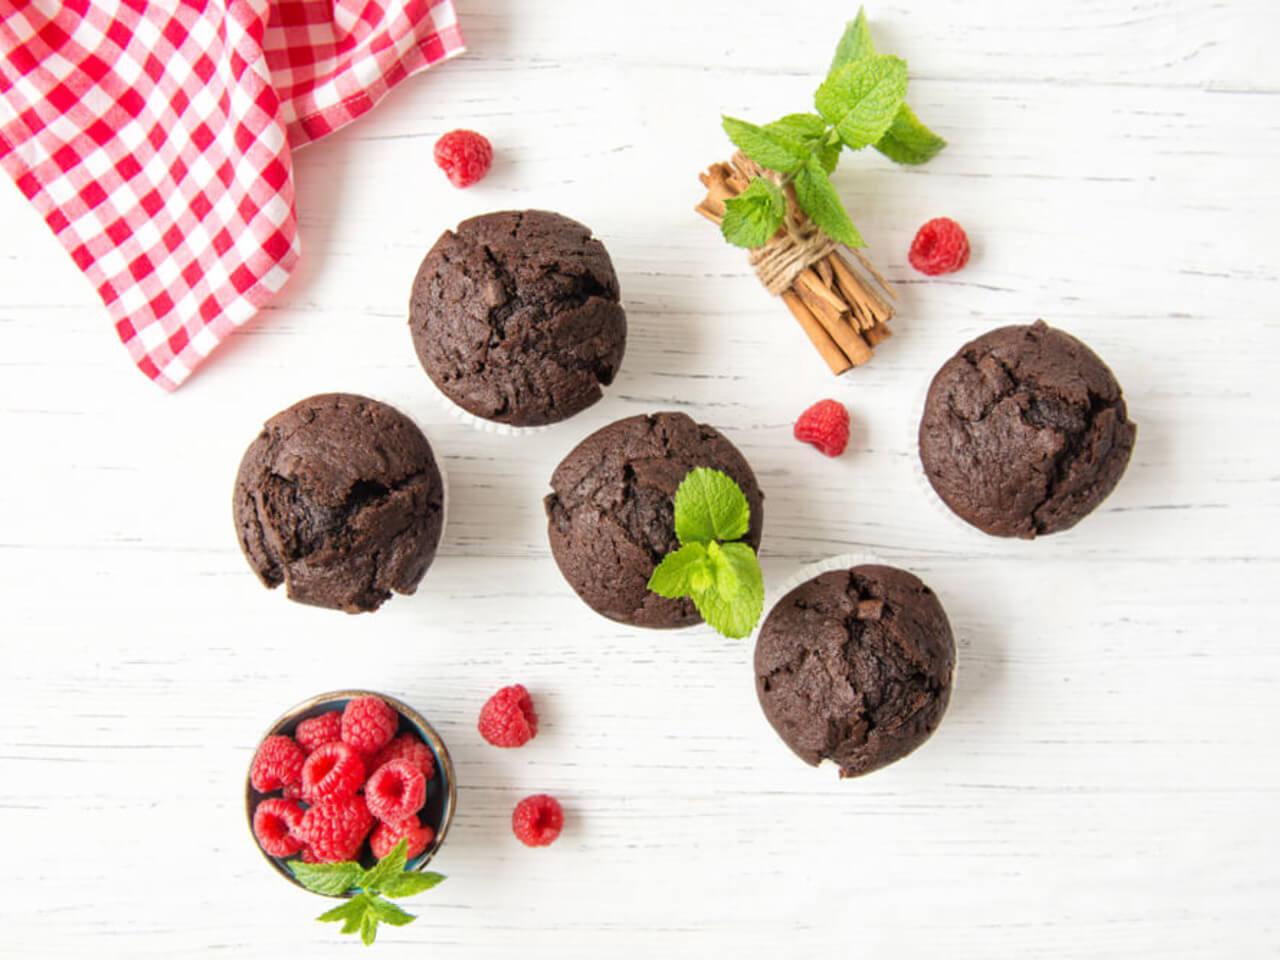 Lyofilizované ovoce, čokoláda, protein a dvouminutová příprava: Ochutnejte nový Fit-day mugcake